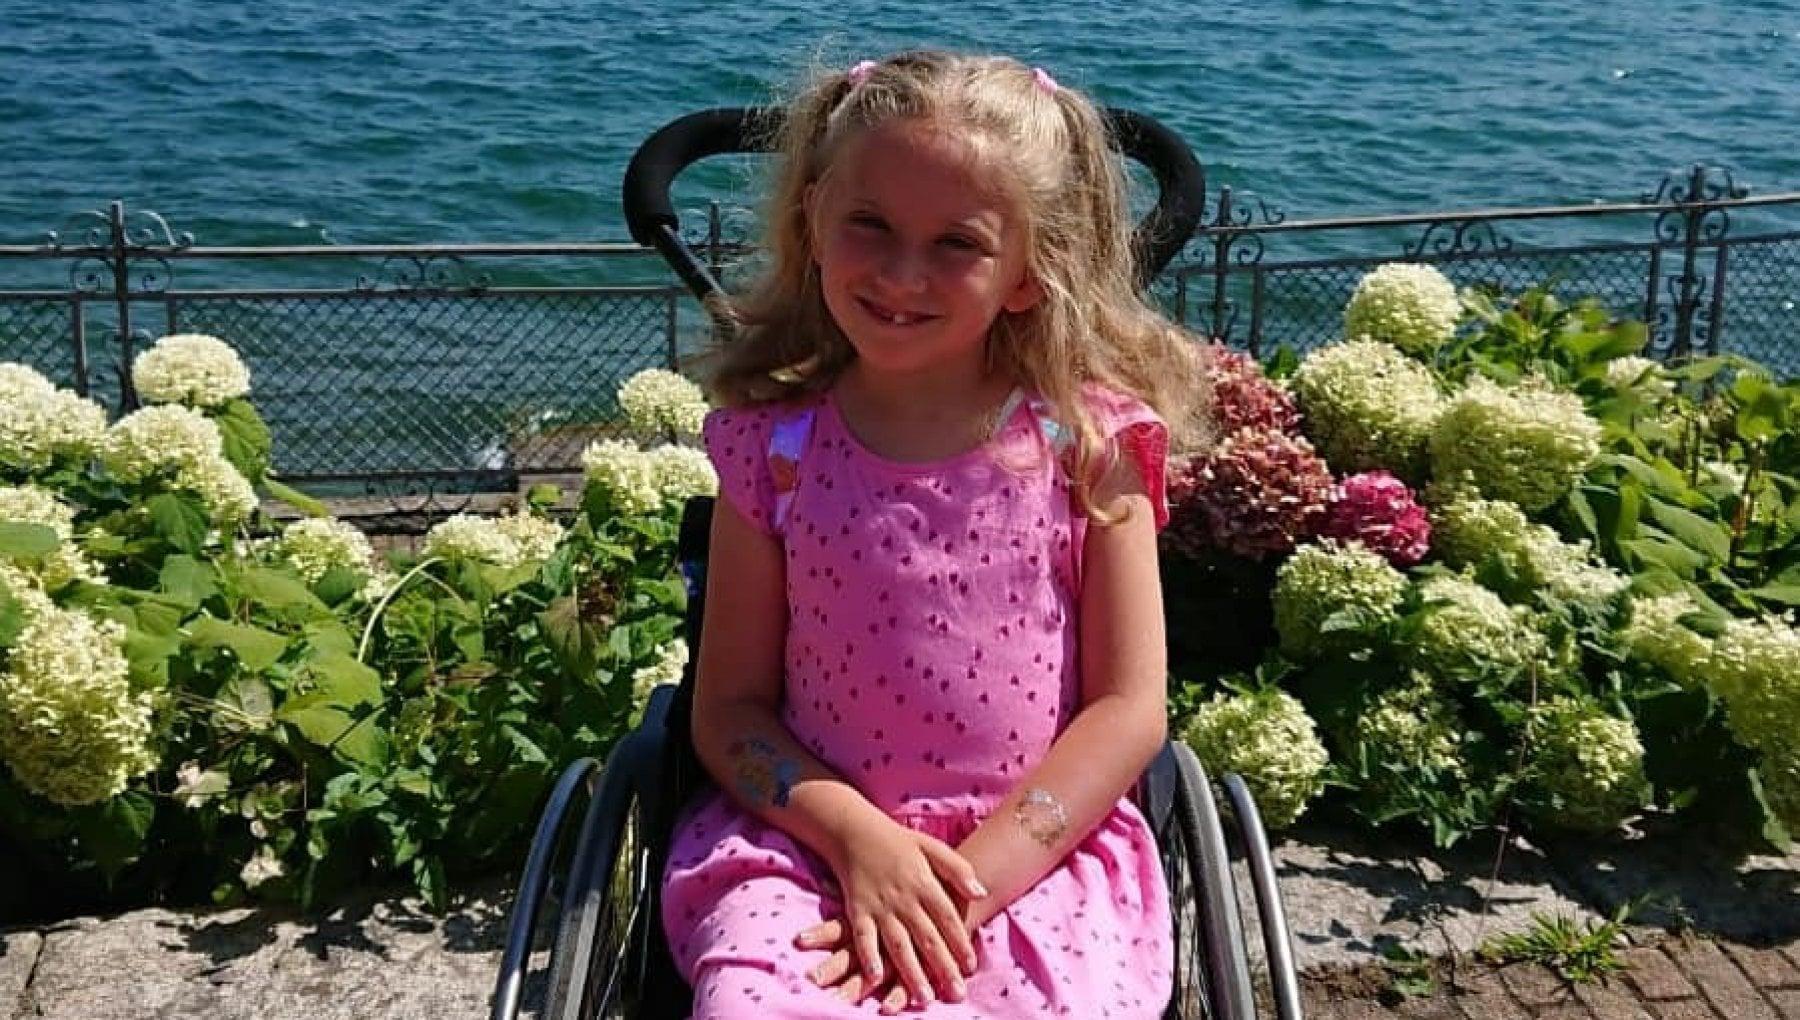 La rinascita di mia figlia Ilaria affetta da Sma adesso riesce a ballare con la sua carrozzina